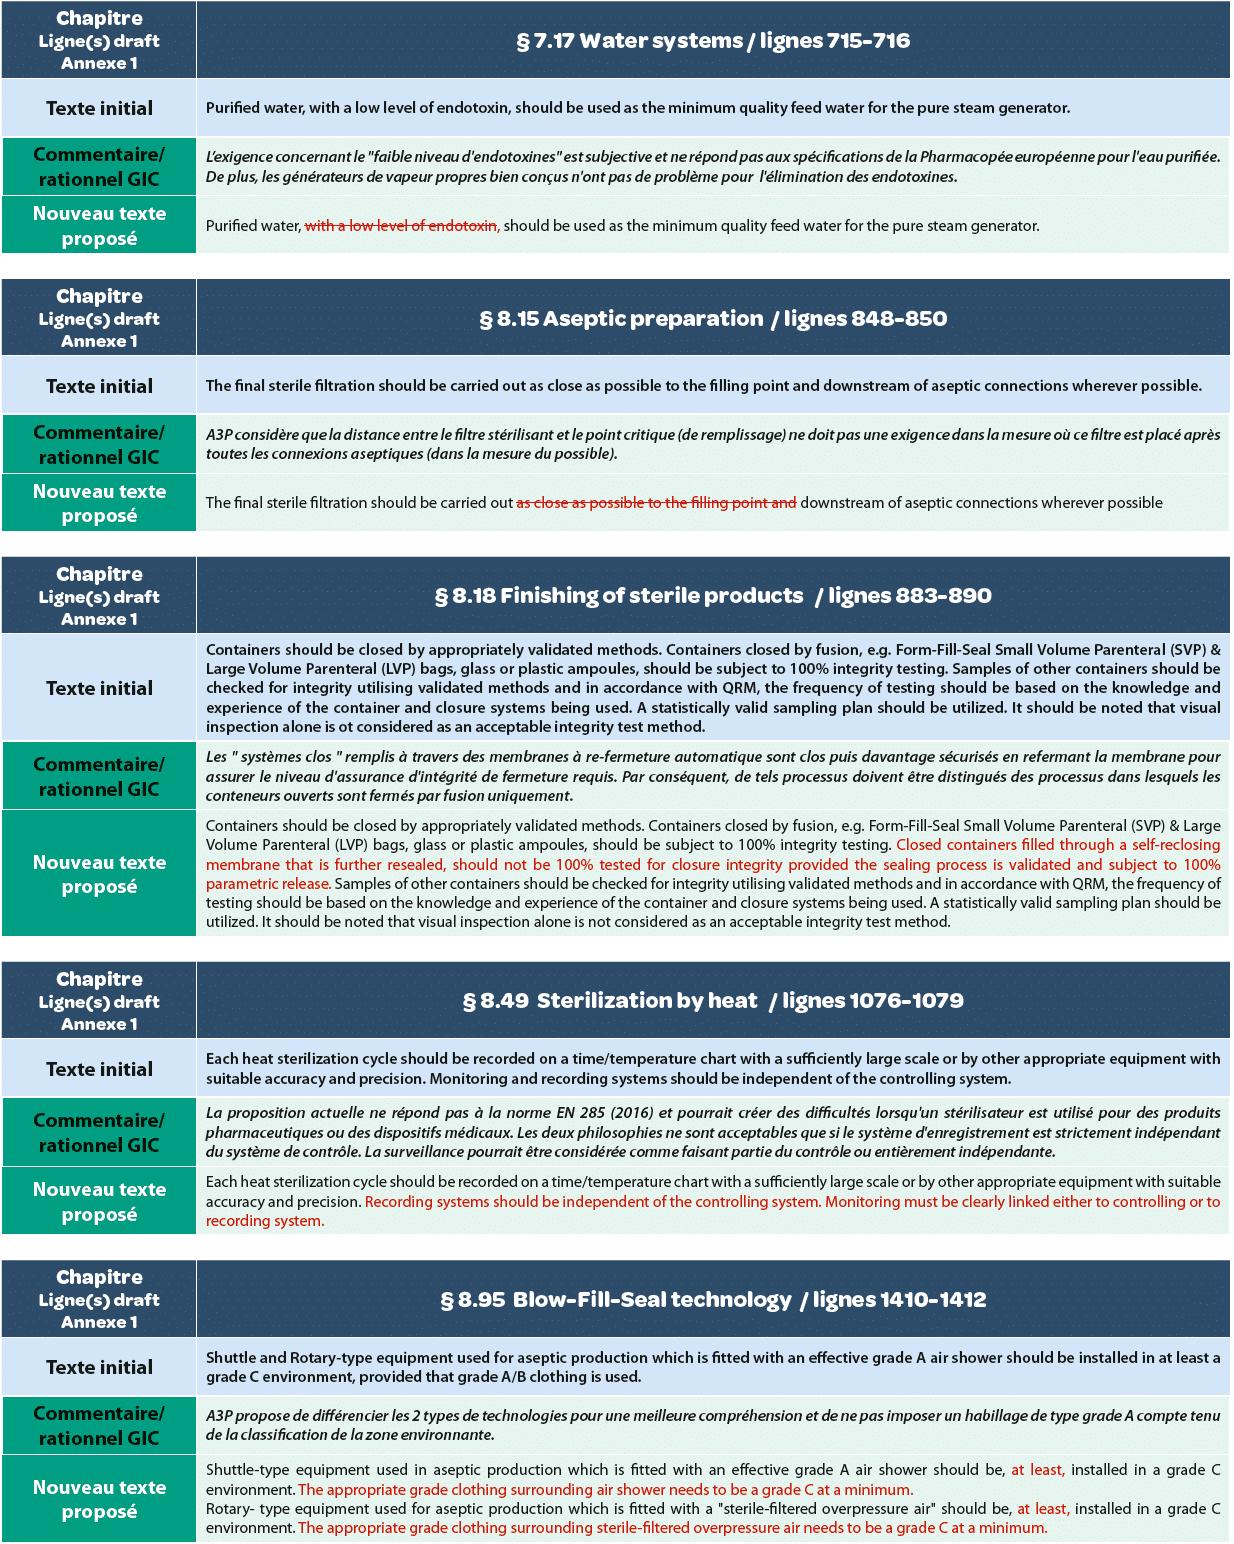 EU Annex 1 draft: GIC A3P Proposals Appendix 1 - A3P